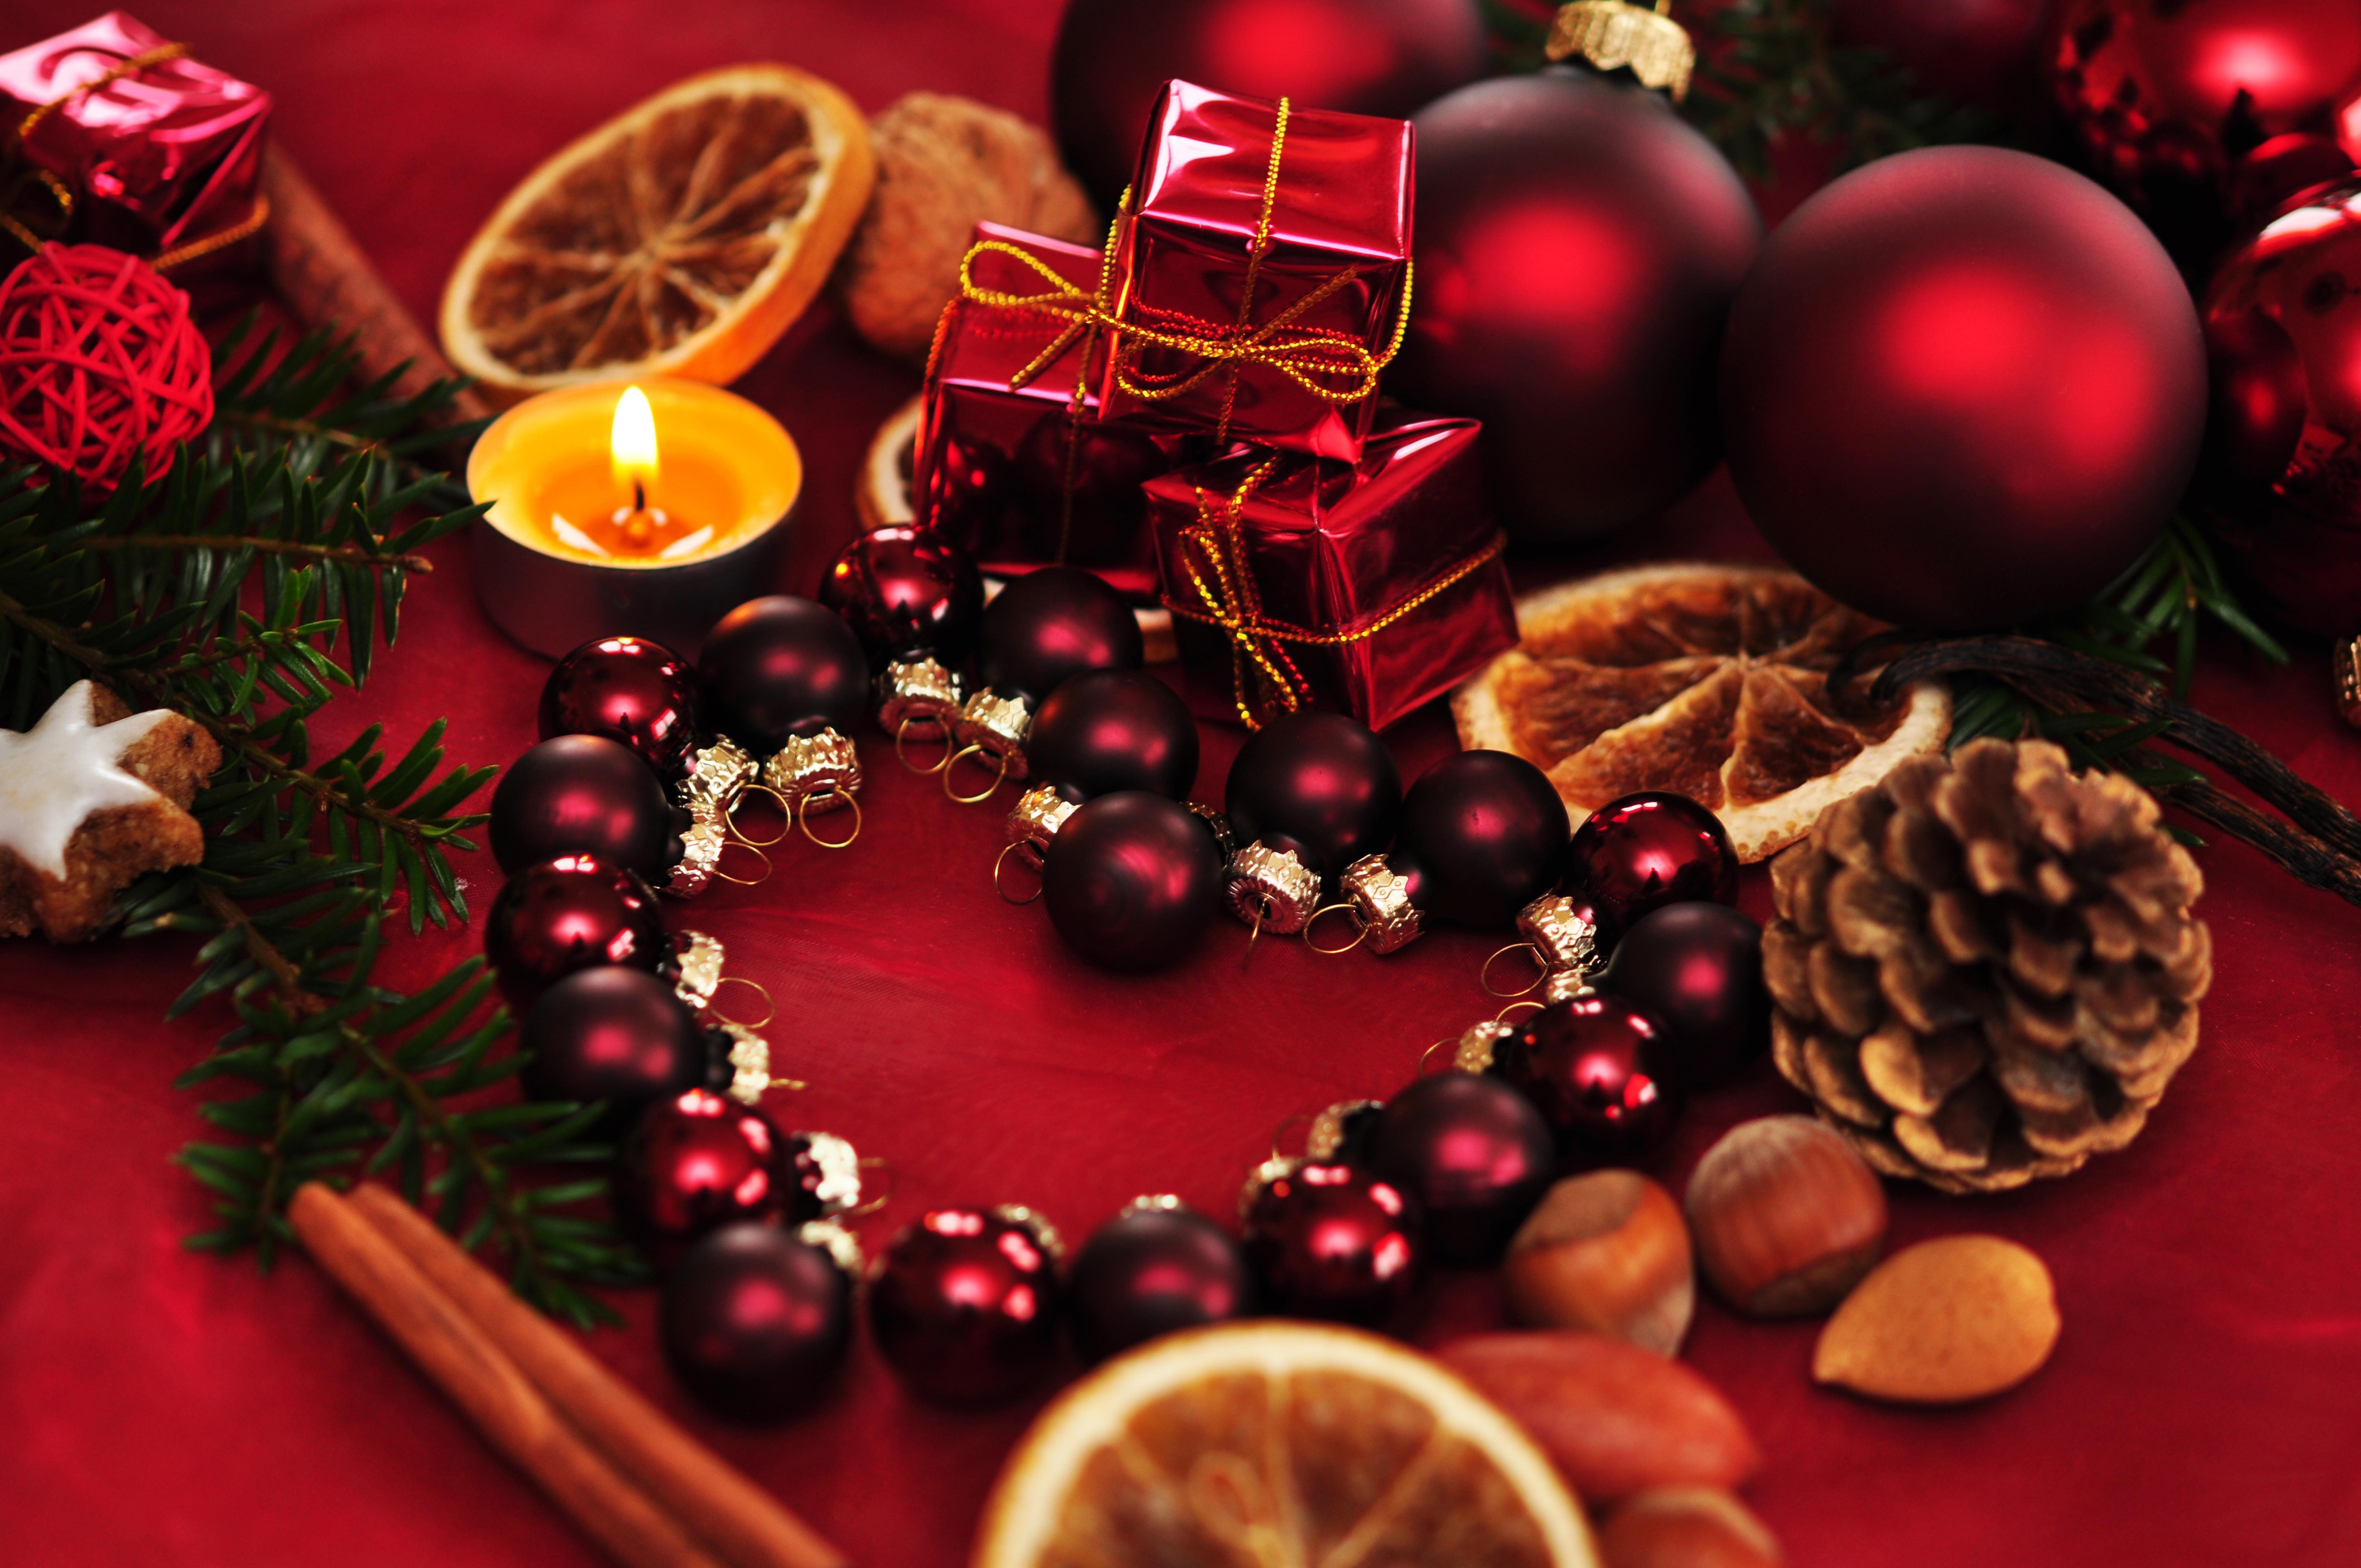 Картинка: Декор, новогодние шары, сердце, свечи, орехи, корица, шишка, новый год, красный фон